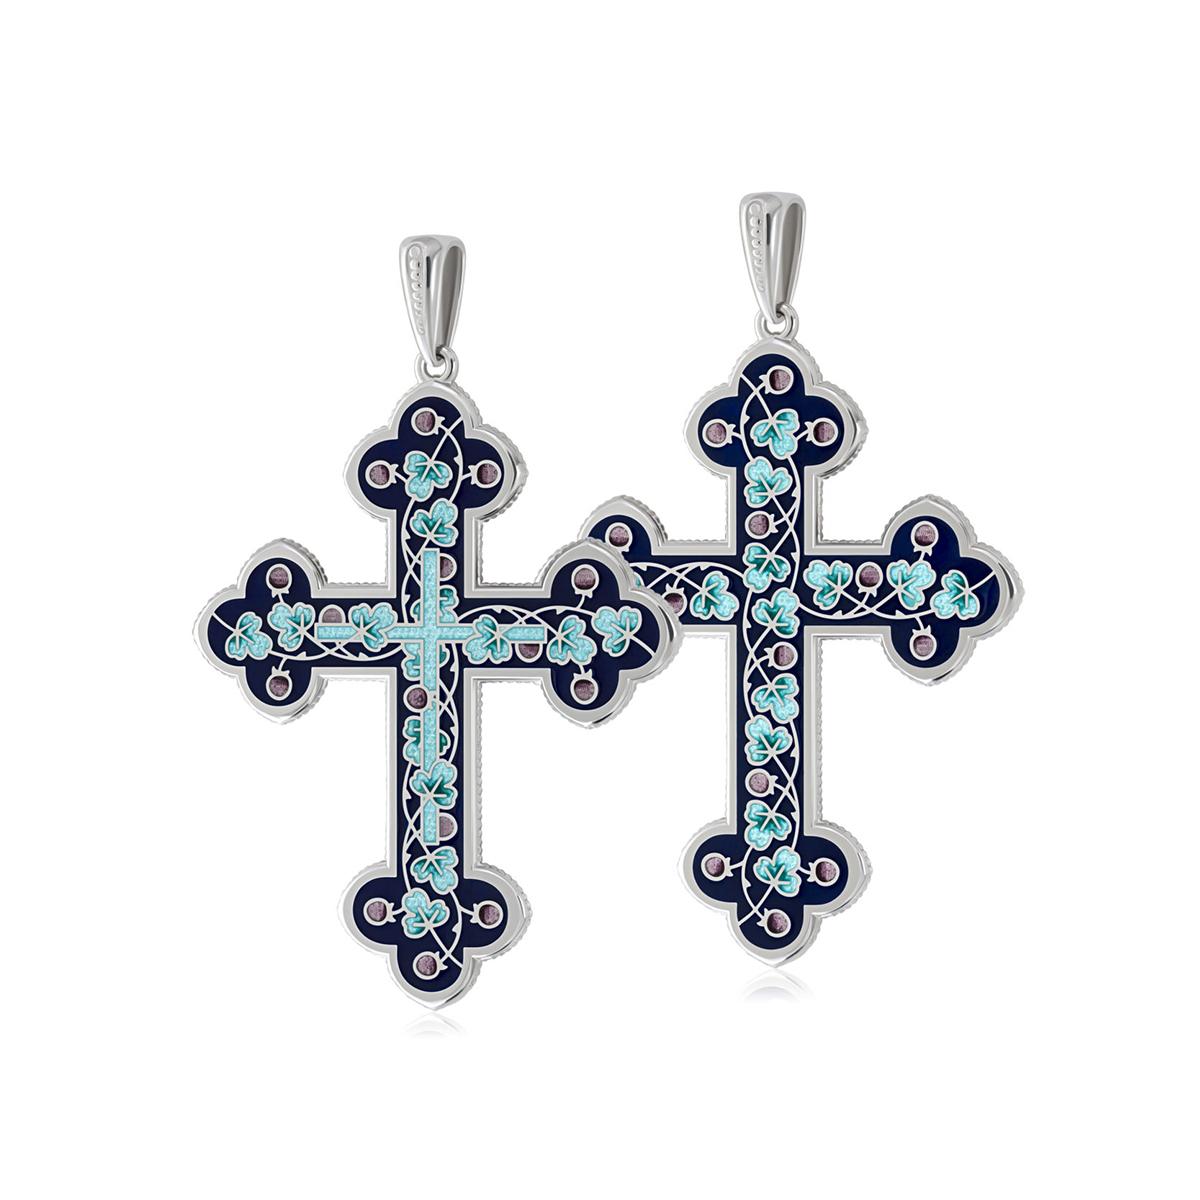 81 123 1s 1200x1200 1 - Нательный крест, голубой